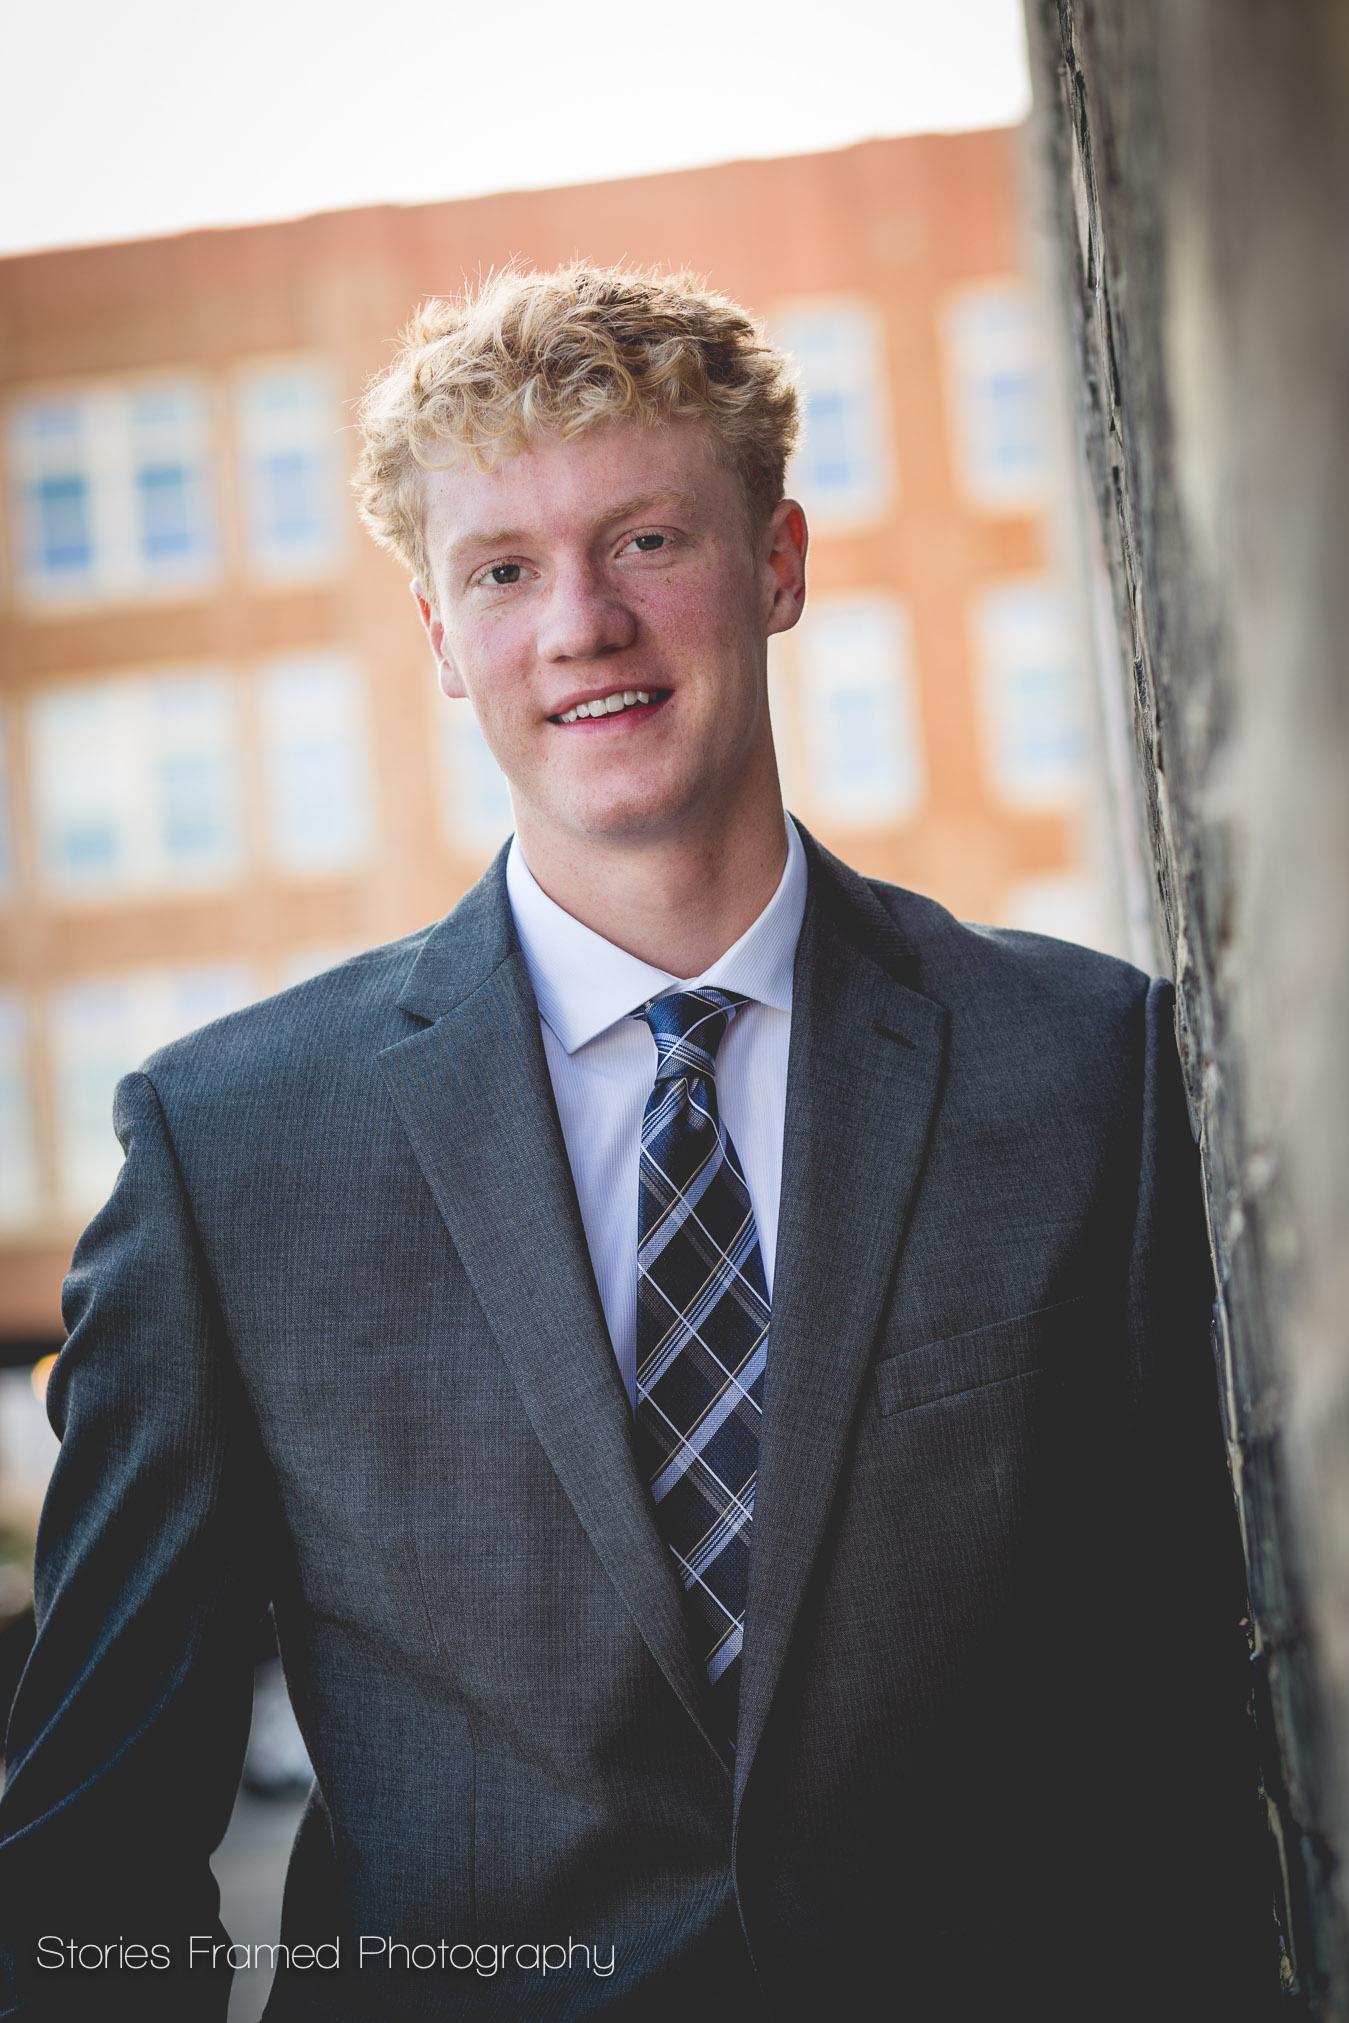 Joe-classof2018-wearing-tie-in-MKE